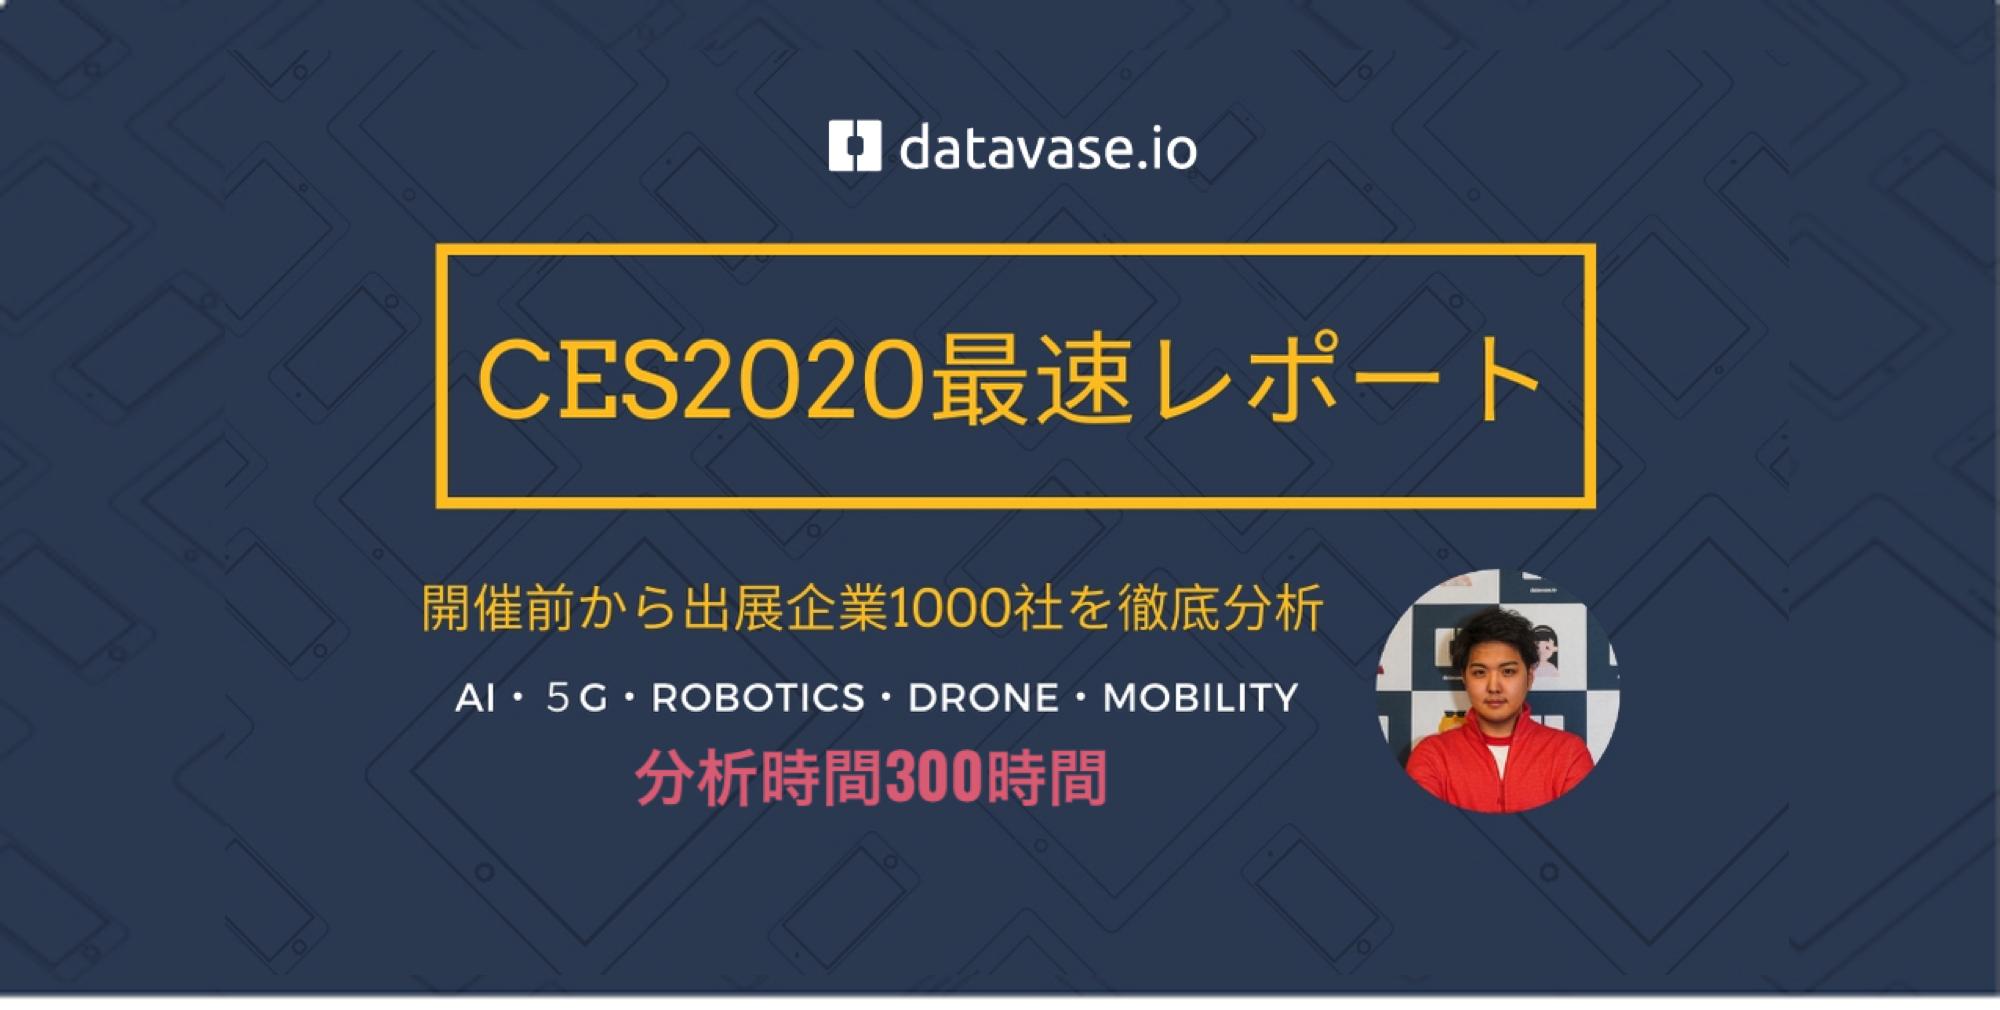 【参加者必見】CES2020史上最速分析レポート・注目企業一挙公開します。